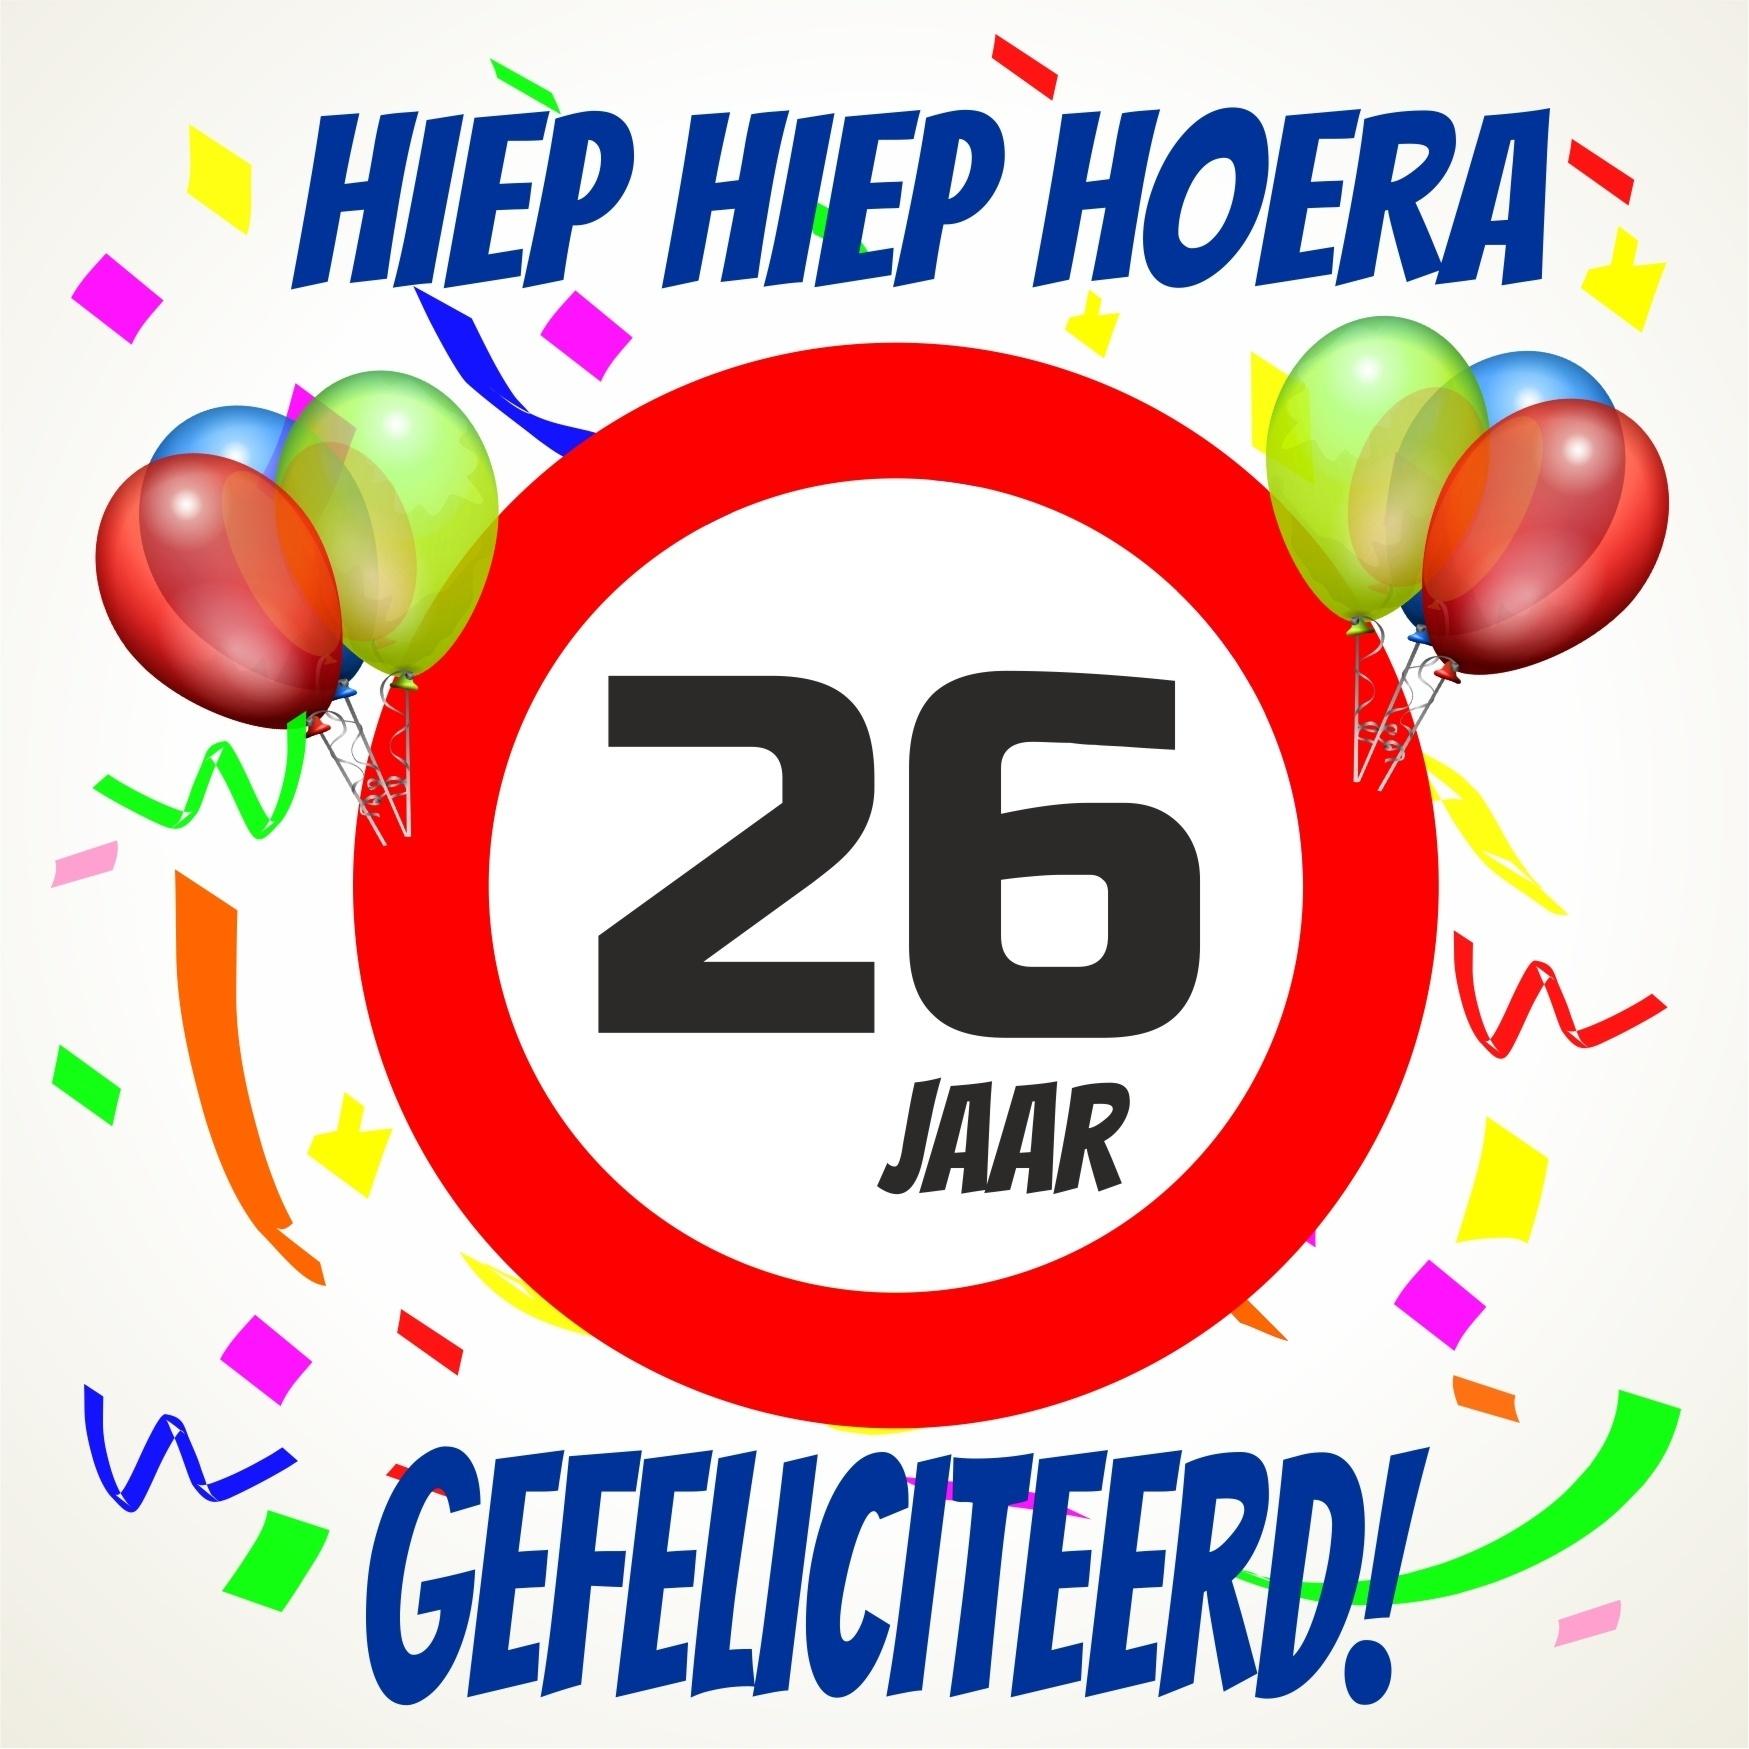 26 jaar 26 Jaar Gefeliciteerd   ARCHIDEV 26 jaar